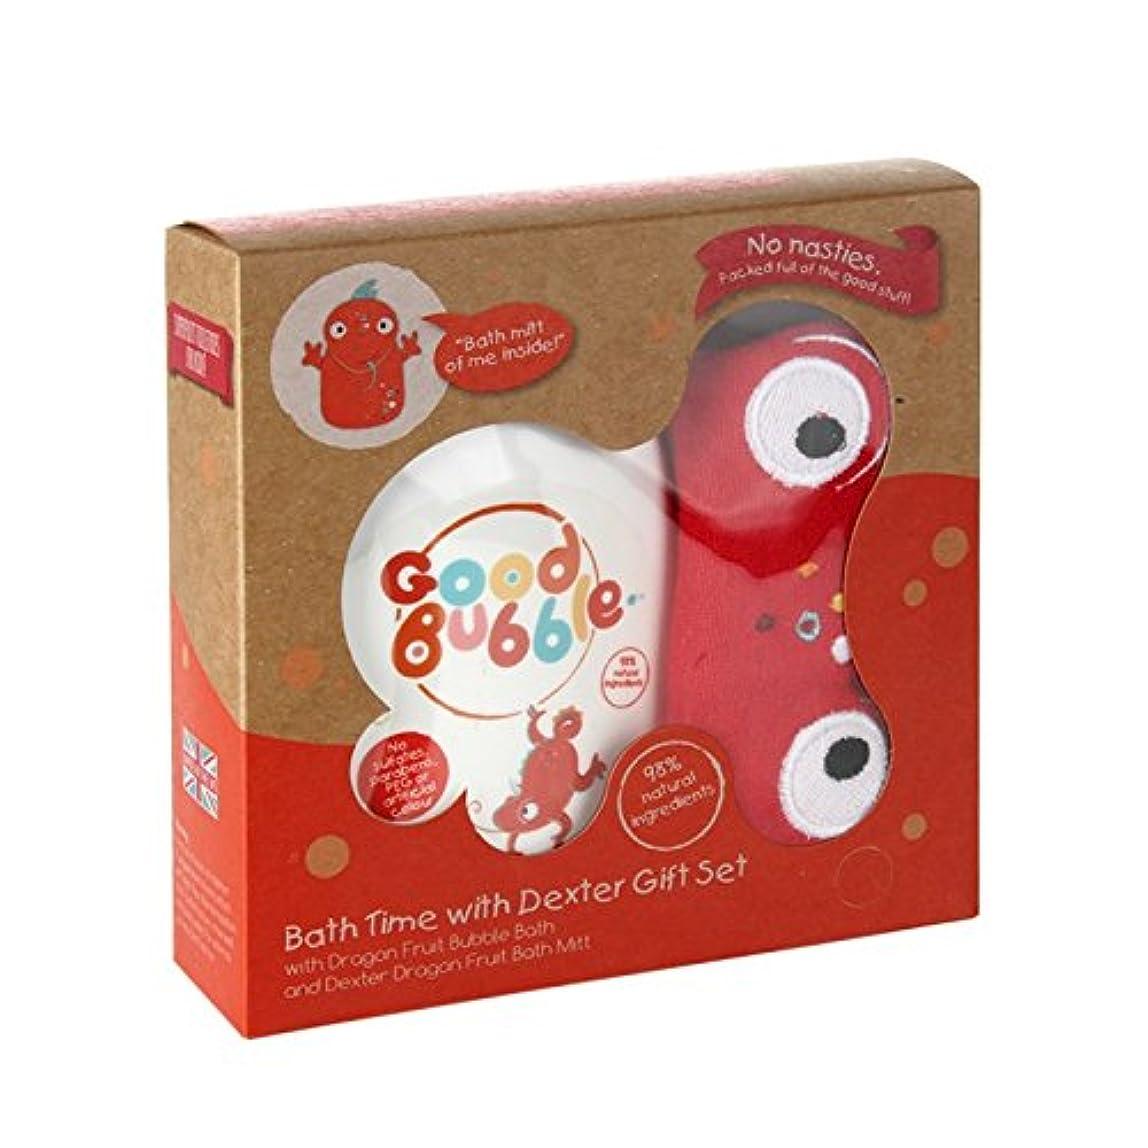 調停者大胆不敵おなかがすいたGood Bubble Dexter Dragonfruit Gift Set 550g (Pack of 2) - 良いバブルデクスターDragonfruitギフトセット550グラム (x2) [並行輸入品]